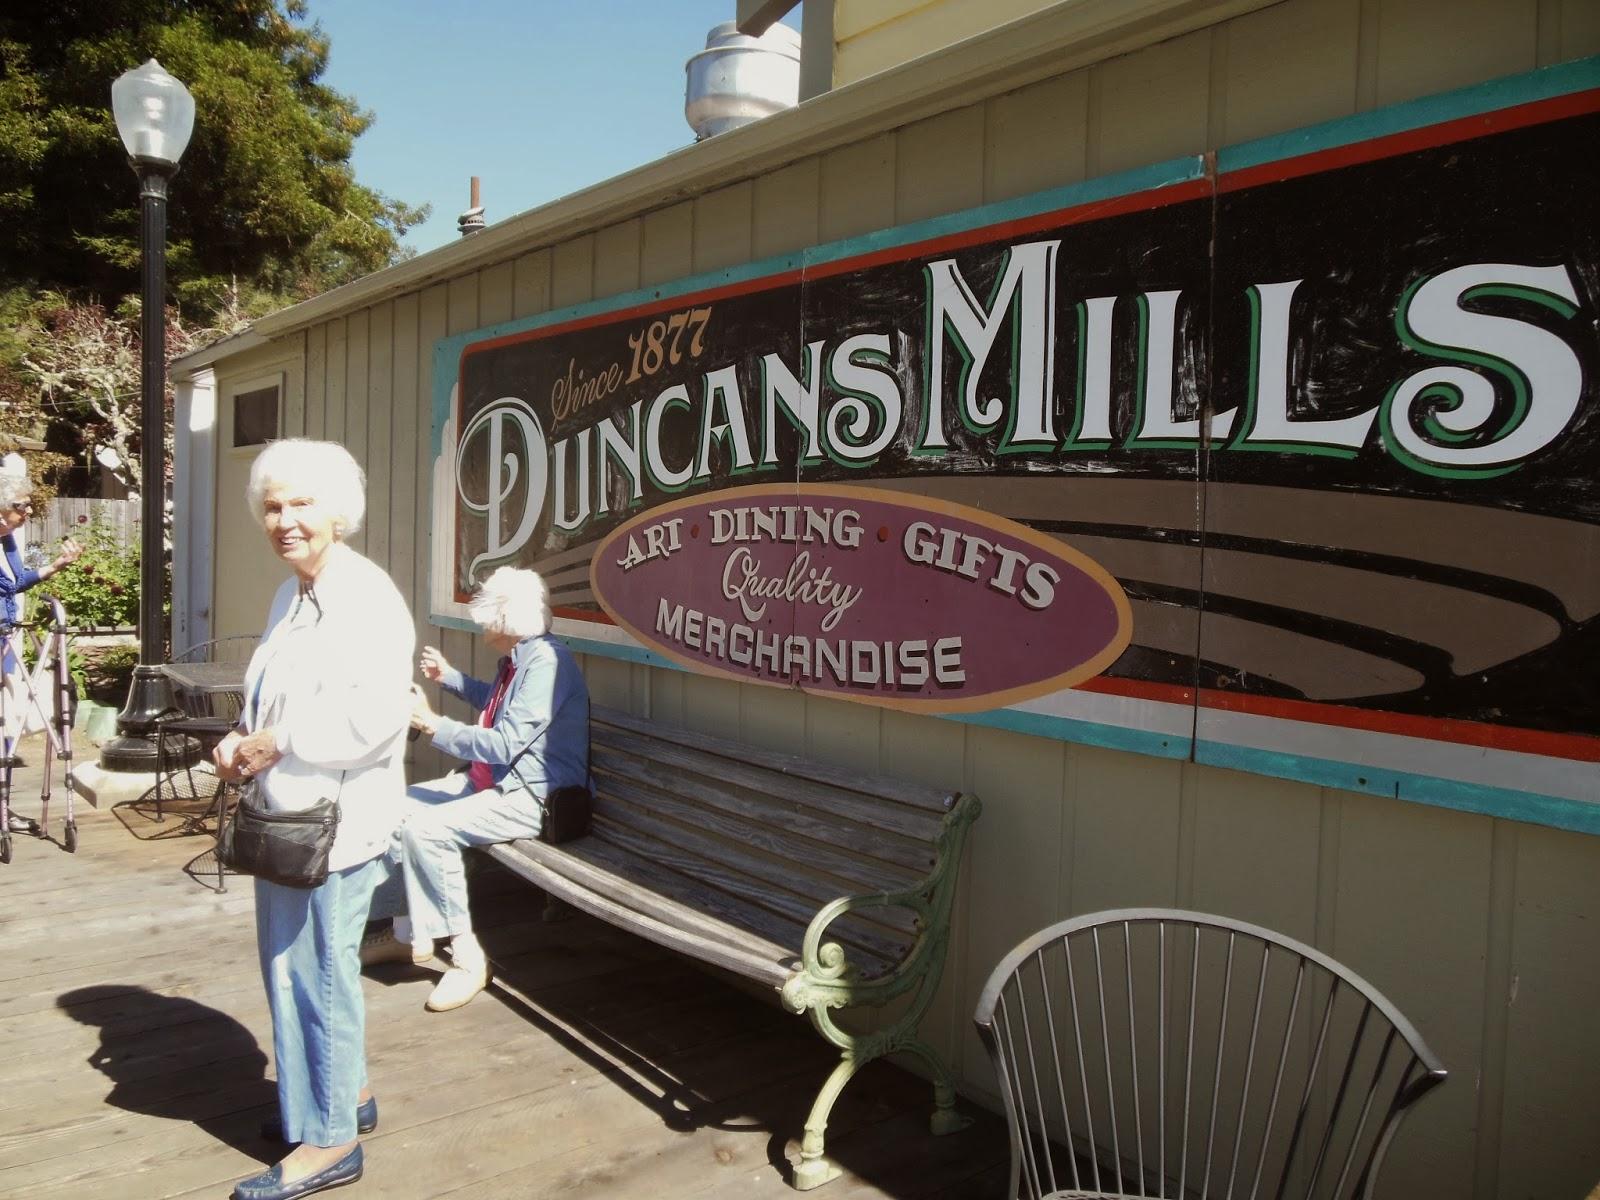 duncans mills senior singles Ich sie das ist du nicht die und es der was wir er zu ein in mit mir den wie ja auf mich so eine aber hier sind für von haben hat dich war dass.